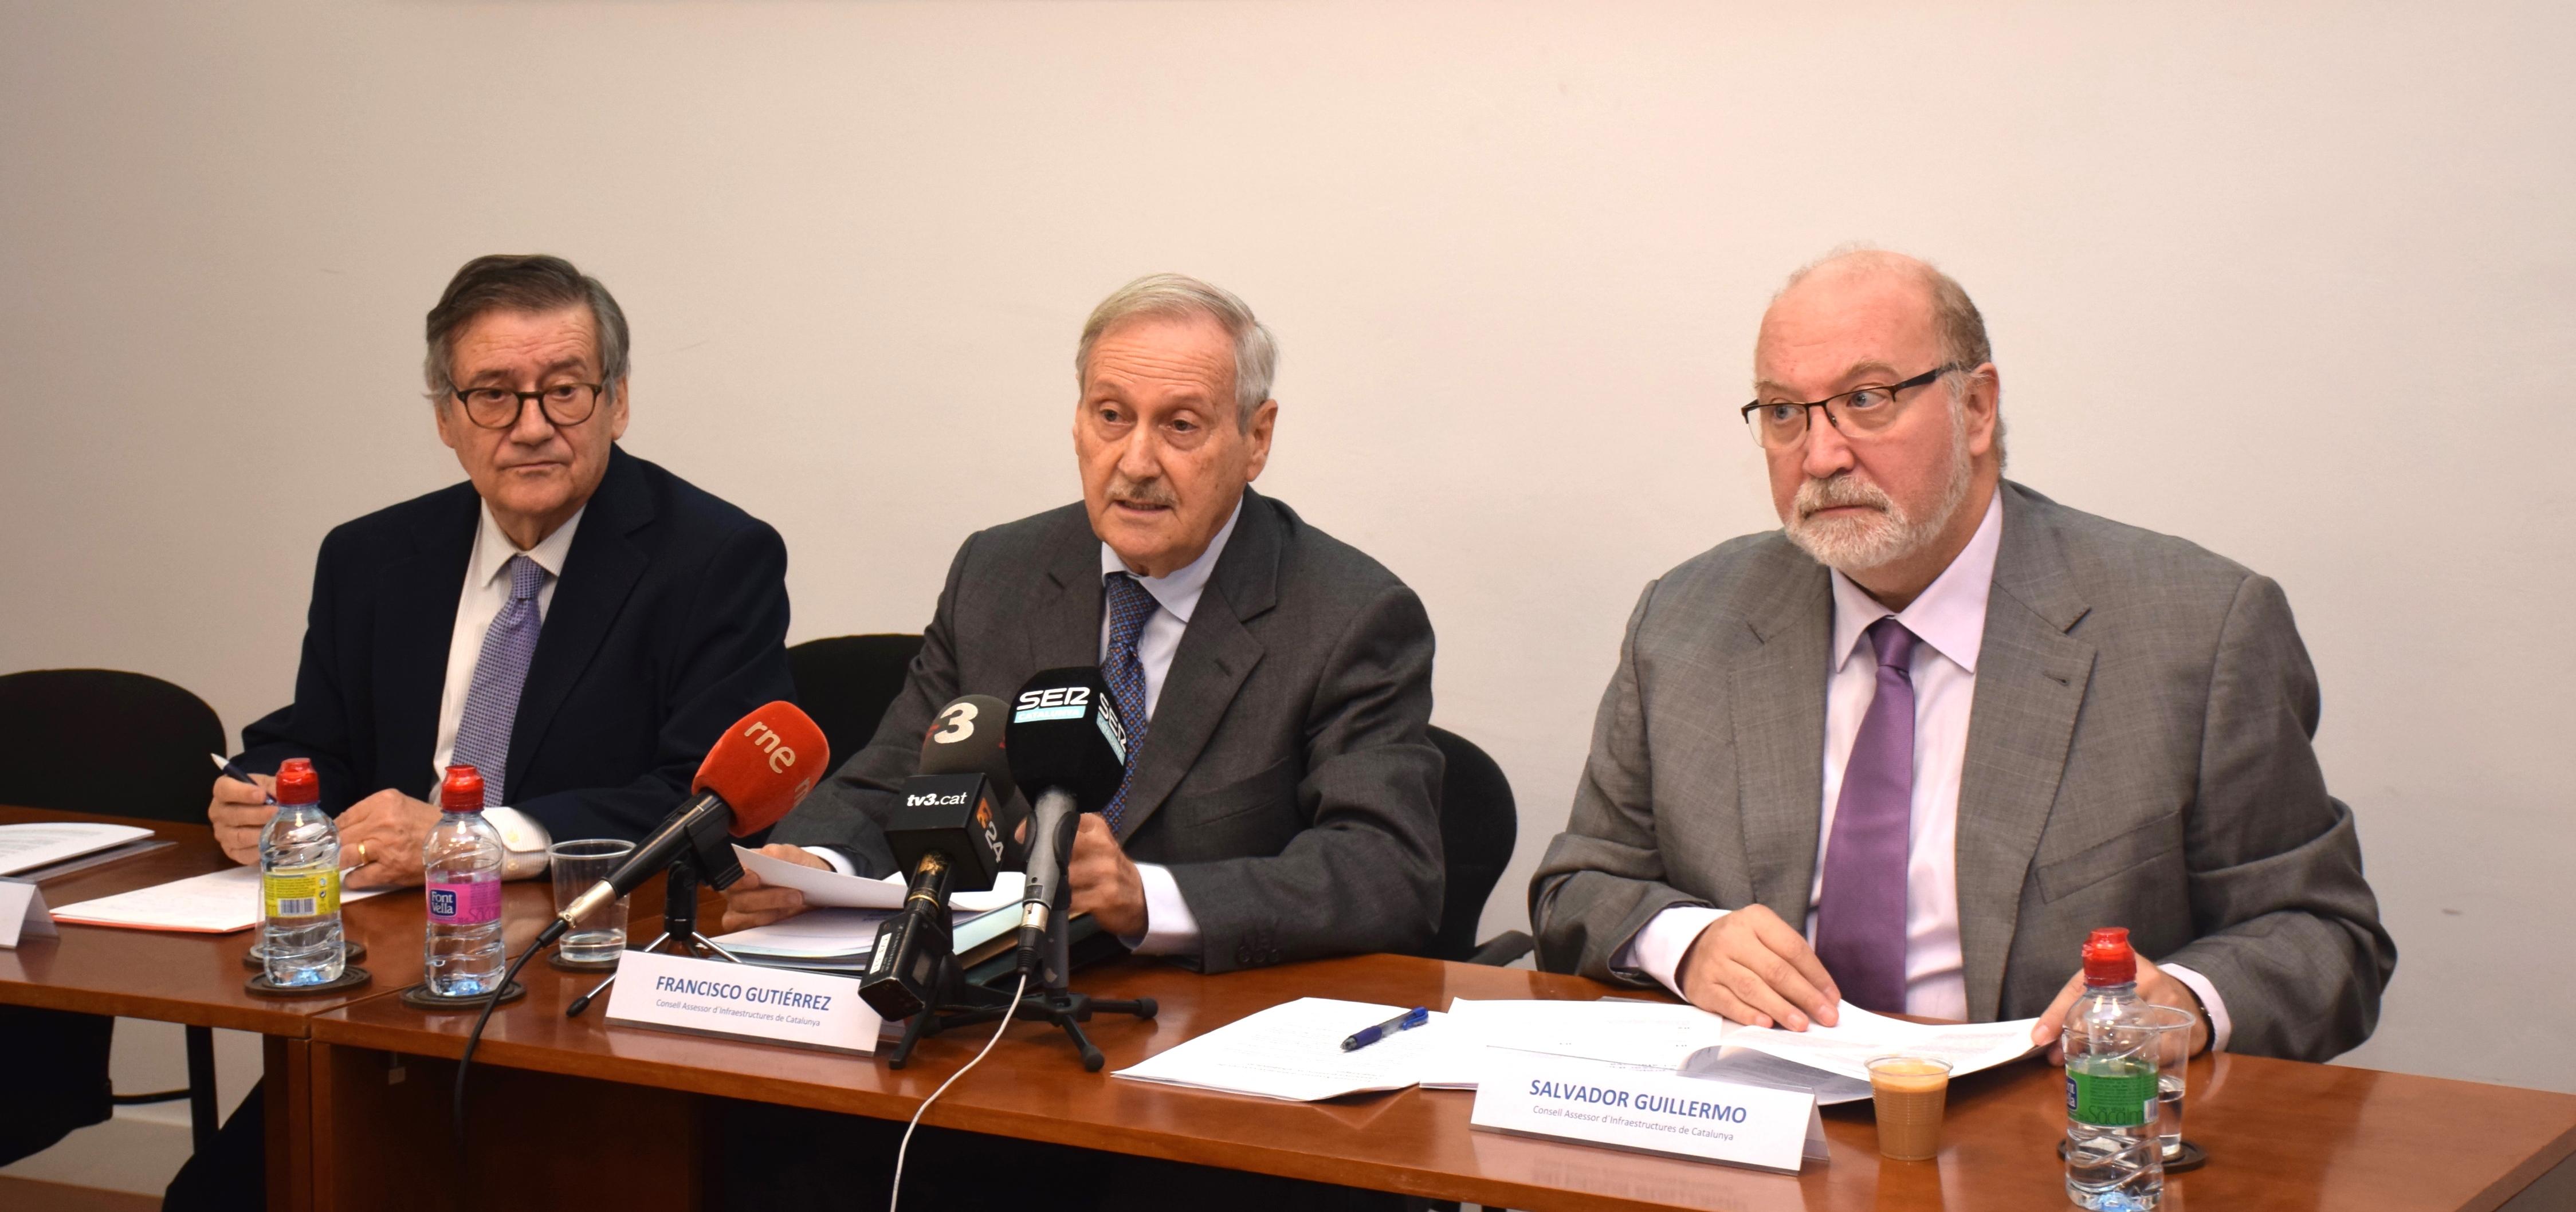 El Consejo Asesor de Infraestructuras de Catalunya promueve la rehabilitación de viviendas